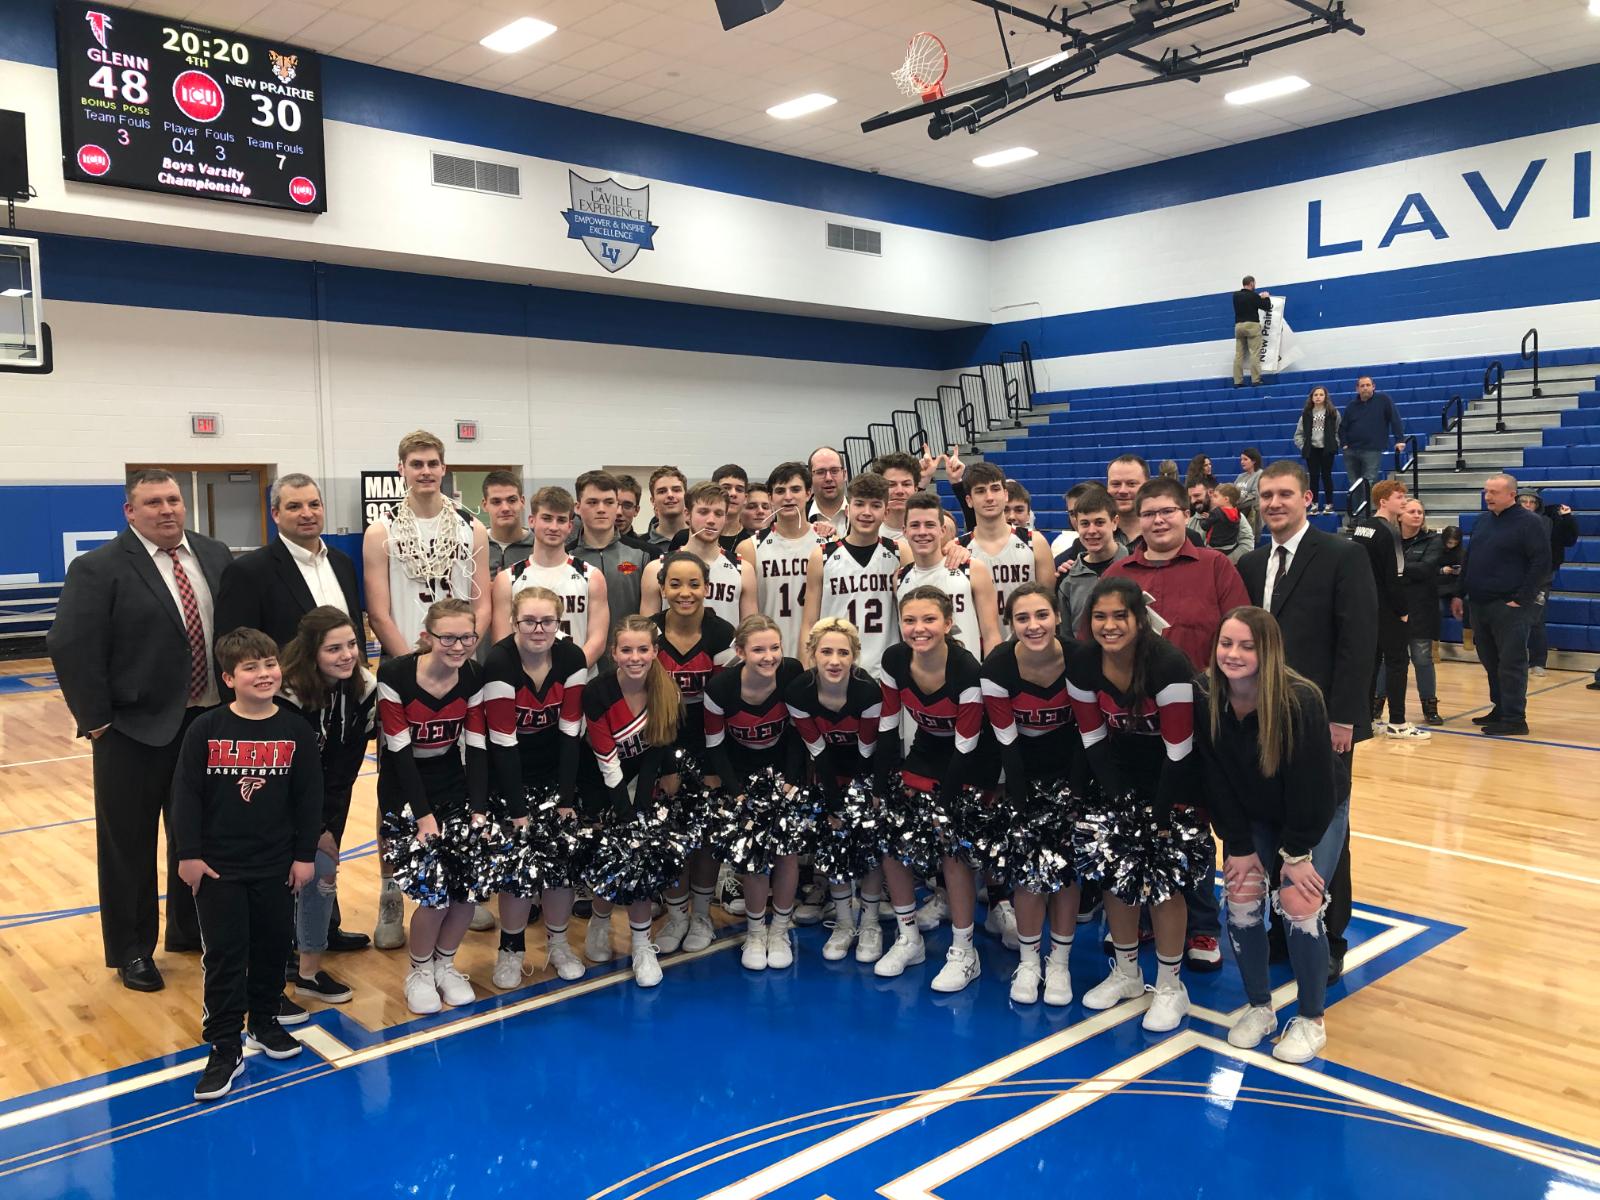 2019-20 Boys Basketball Awards Announced